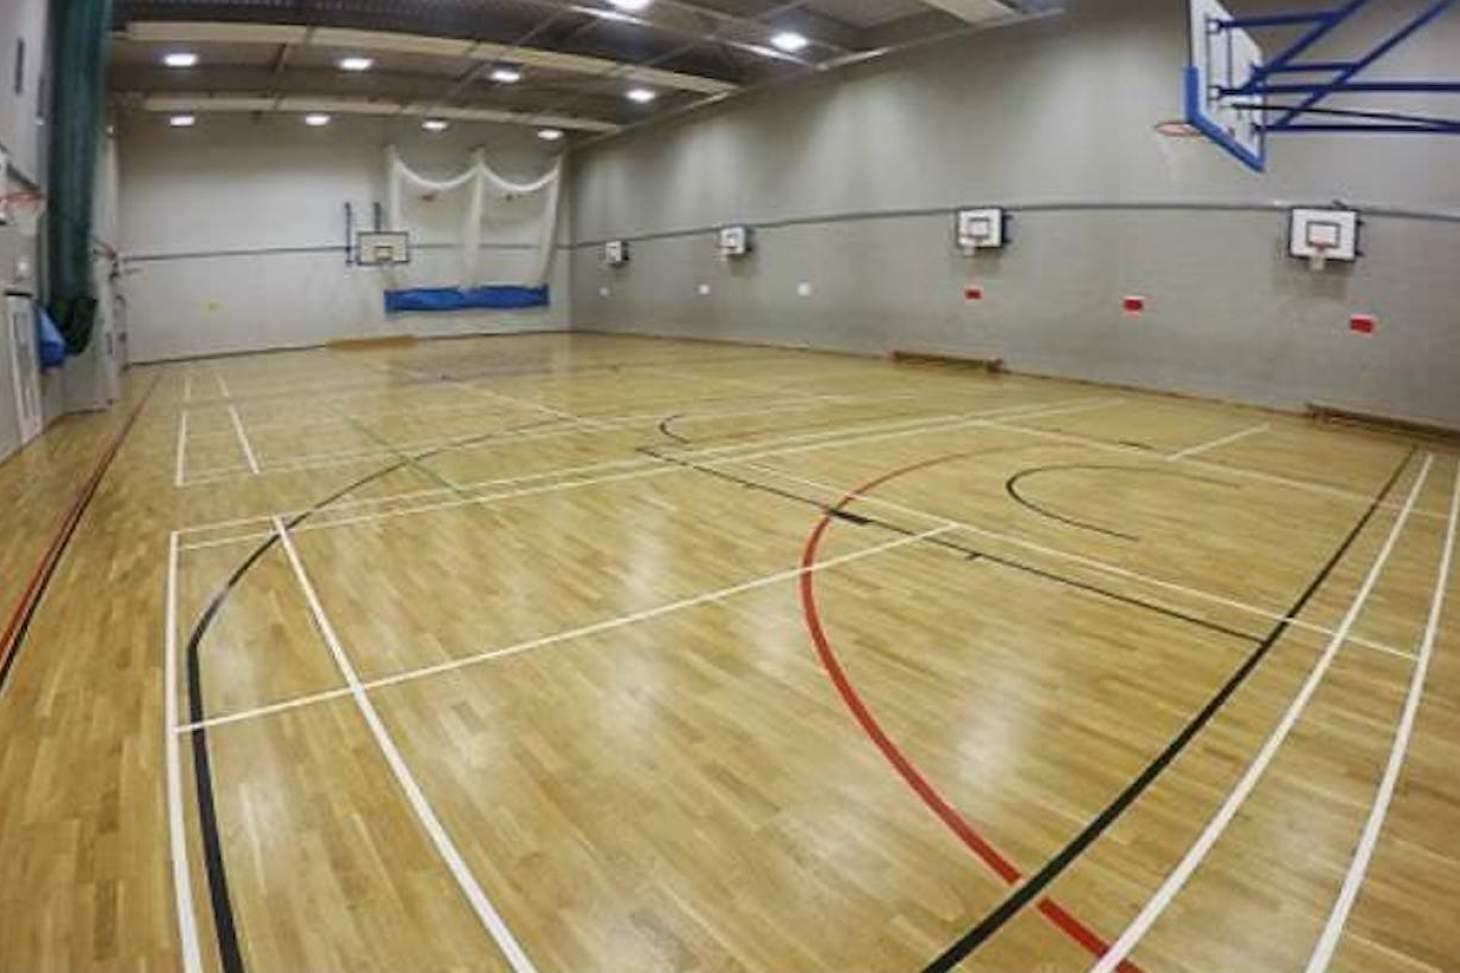 School 21 Indoor netball court